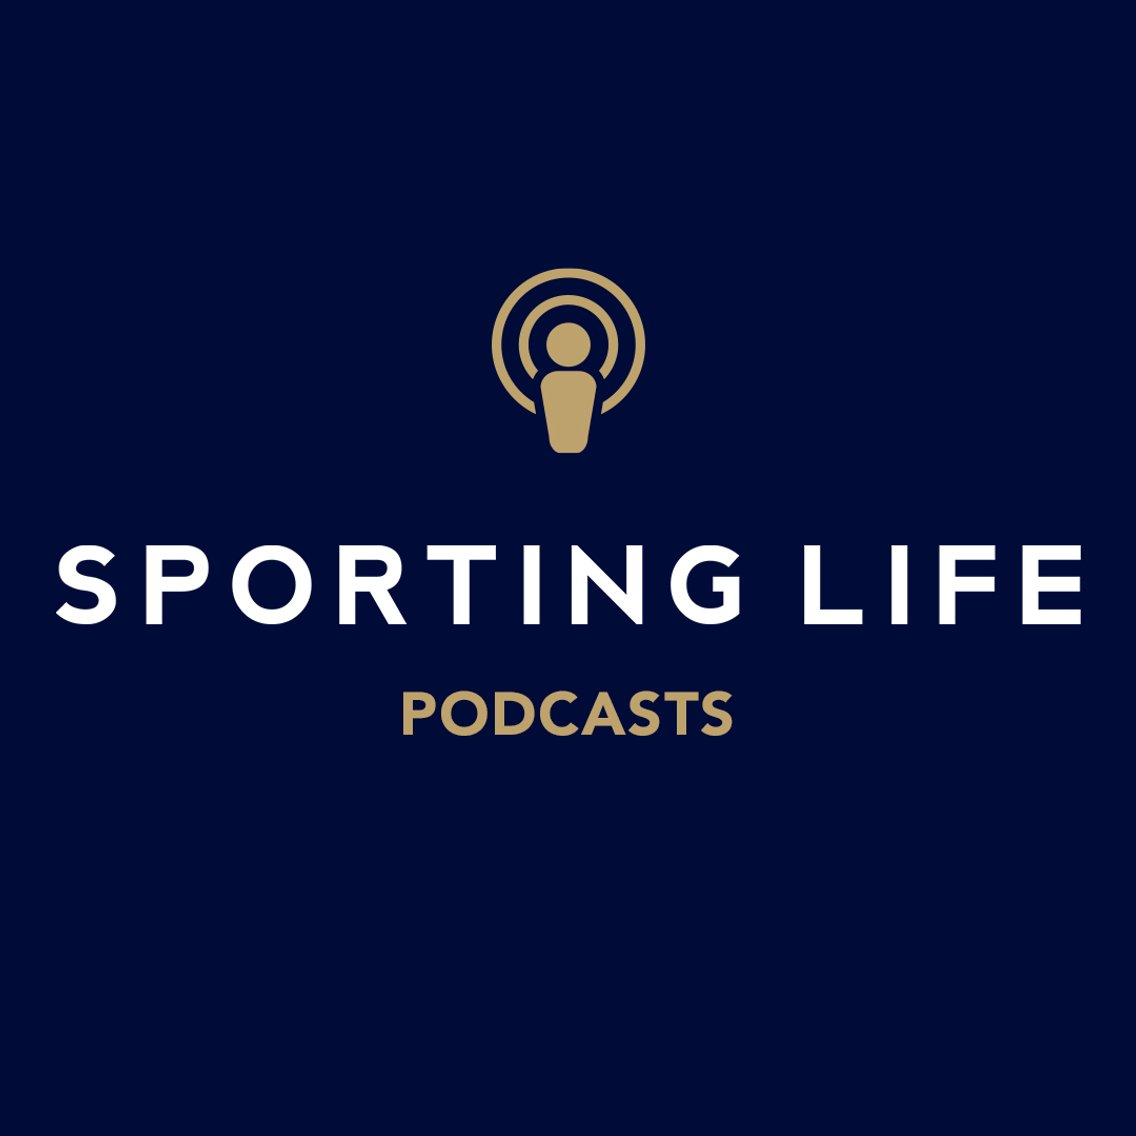 Sporting Life Podcasts - imagen de portada